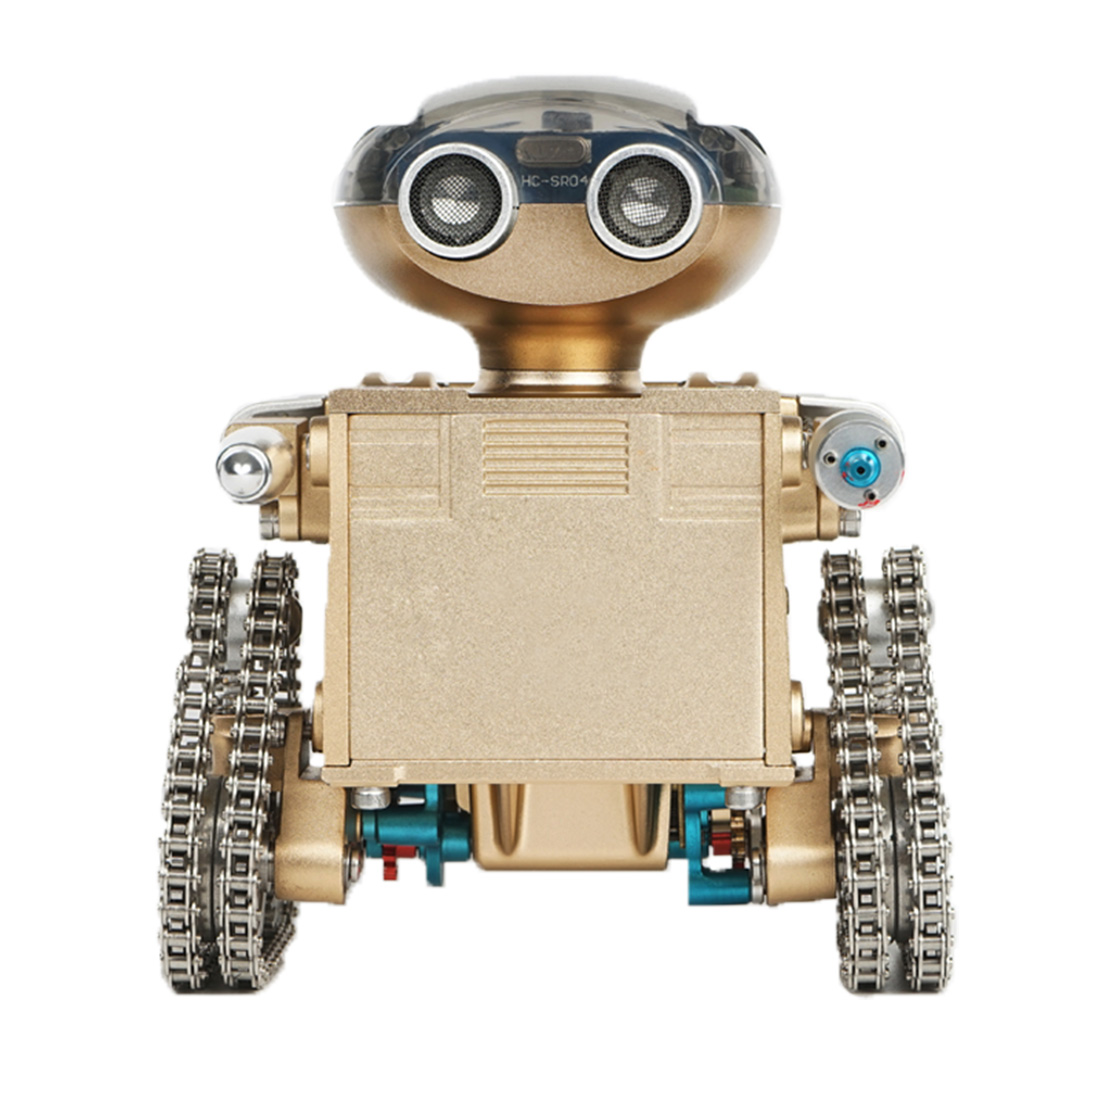 DIY Metall Intelligente Fernbedienung Smart Roboter Montage Pädagogische Modell Gebäude Spielzeug Geburtstag Geschenk für Junge Über 10